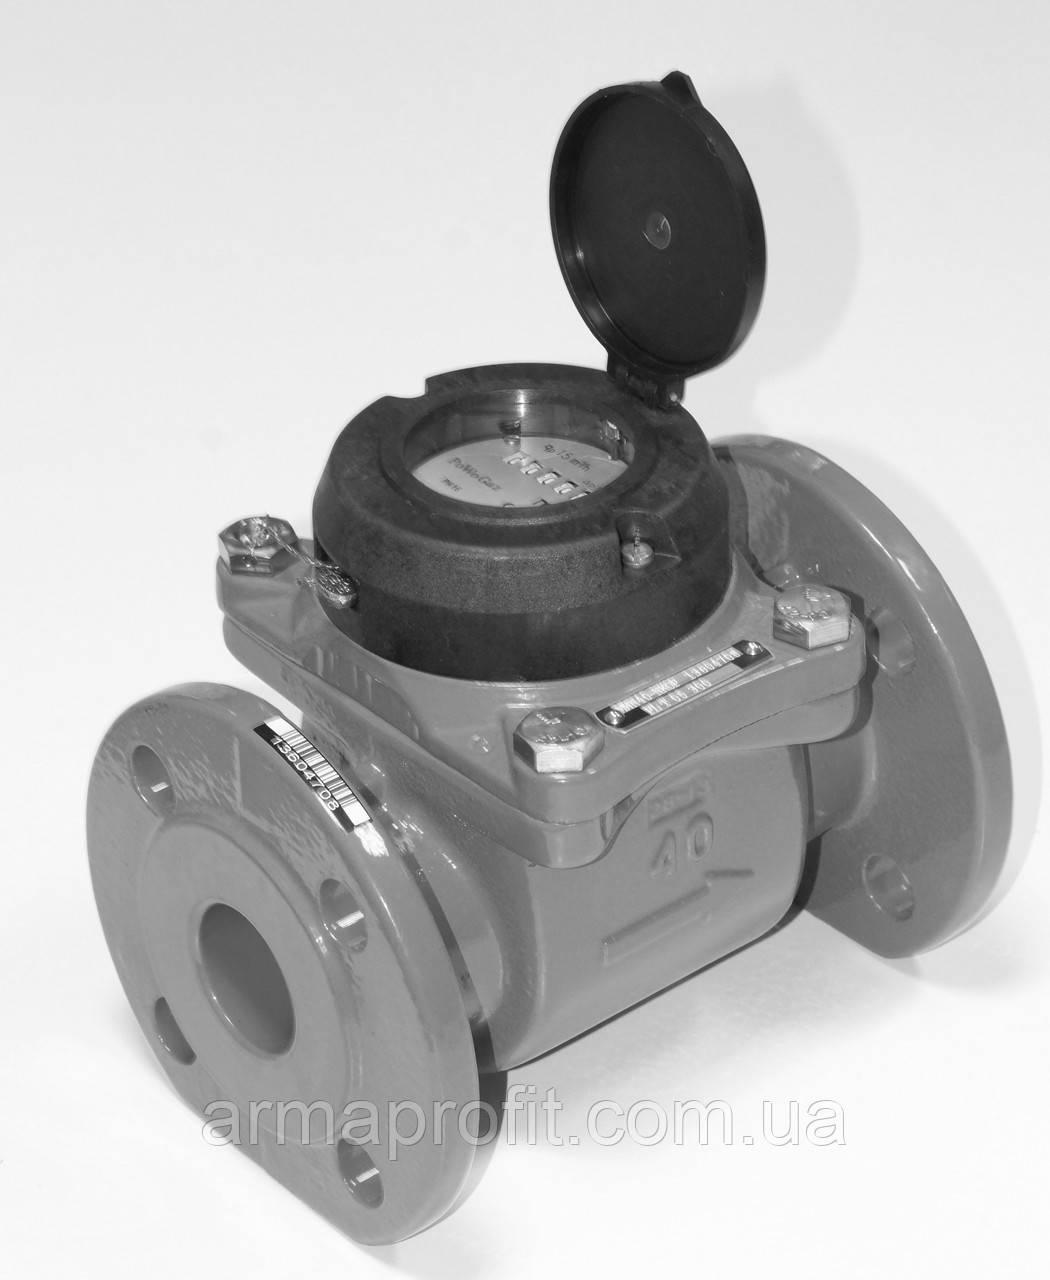 Лічильник холодної води турбінний фланцевий Ду80 Powogaz MWN-50-80